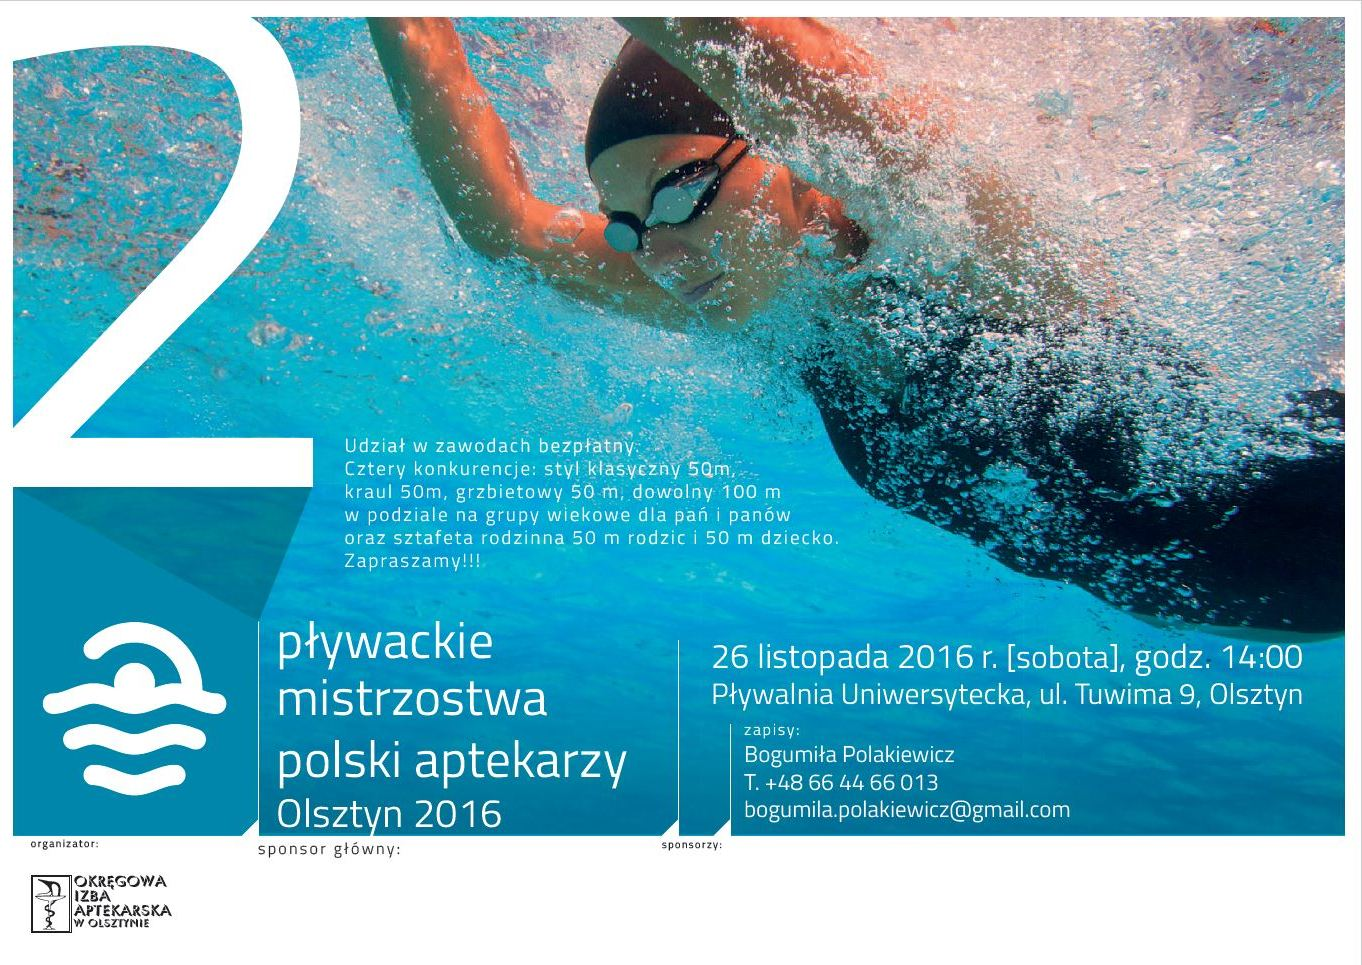 II Pływackie Mistrzostwa Polski Aptekarzy